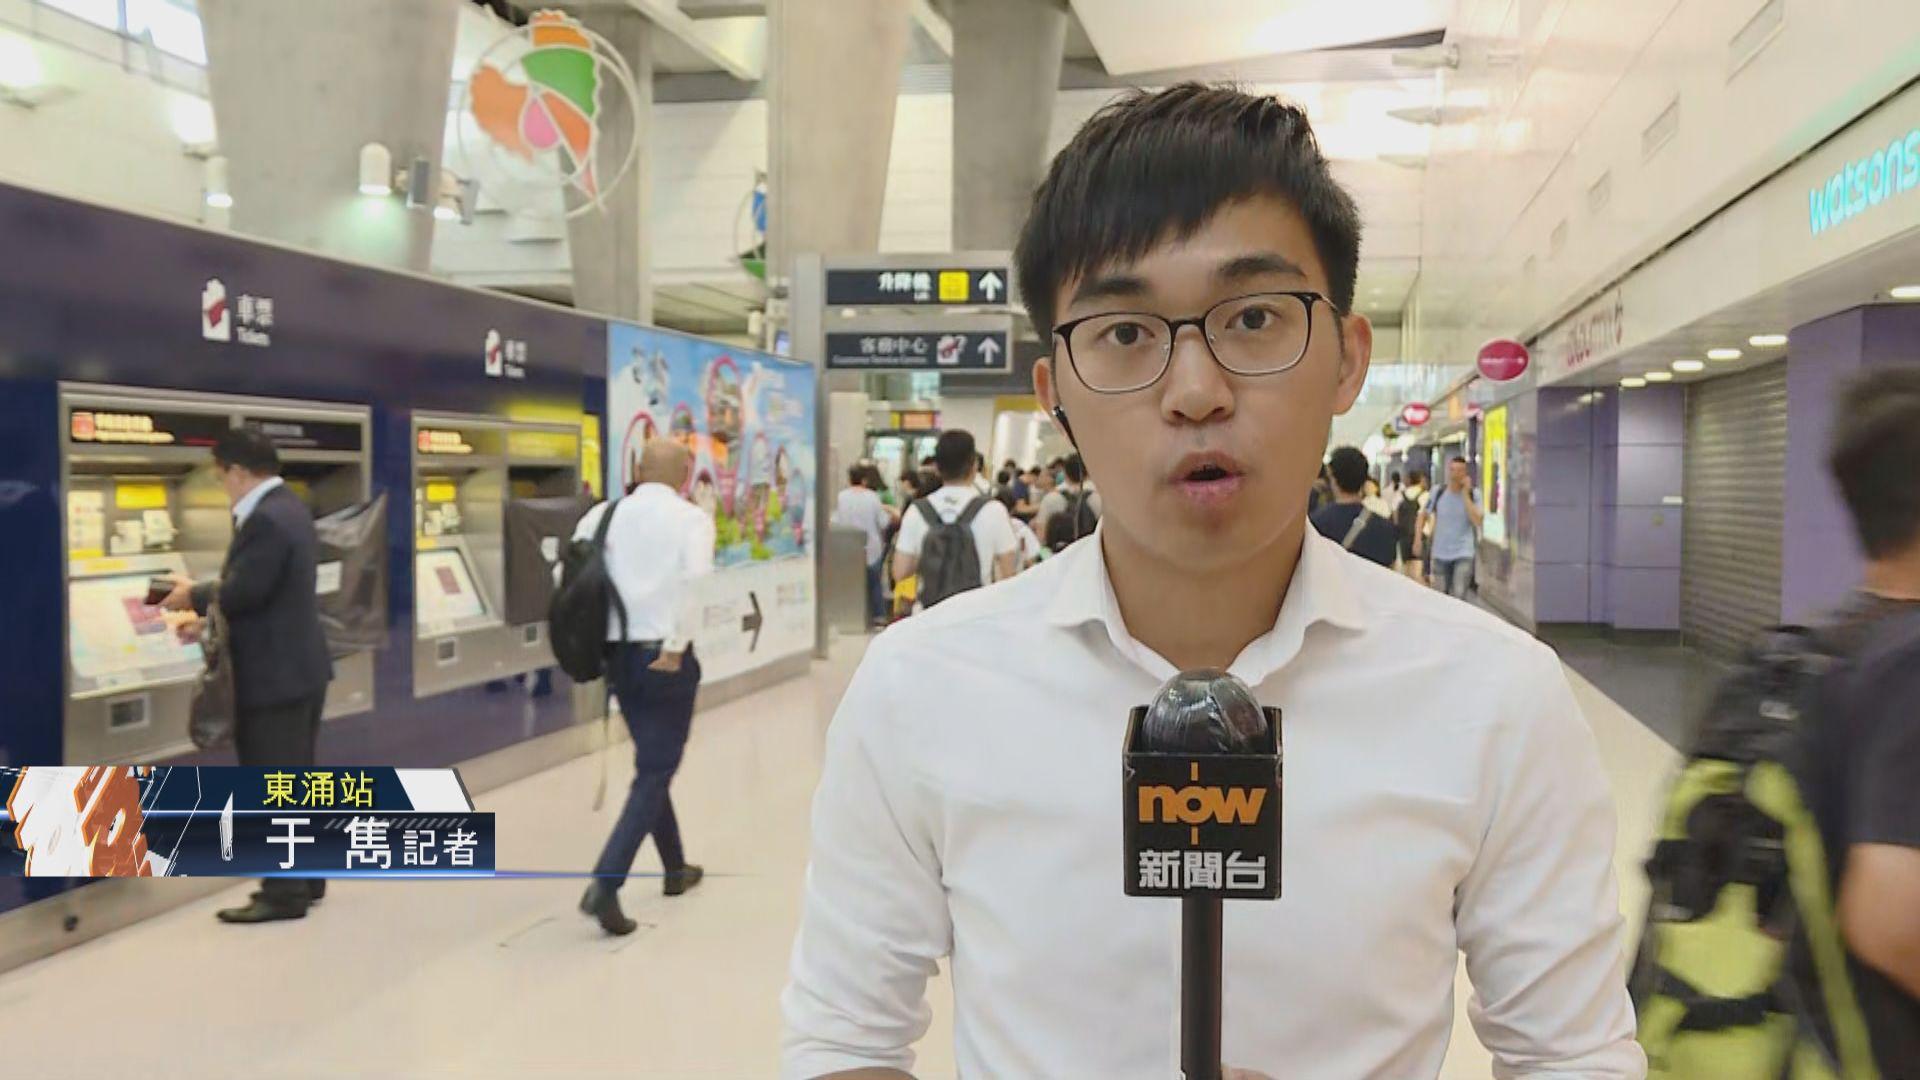 【現場報道】港鐵東涌站半個票務大樓關閉